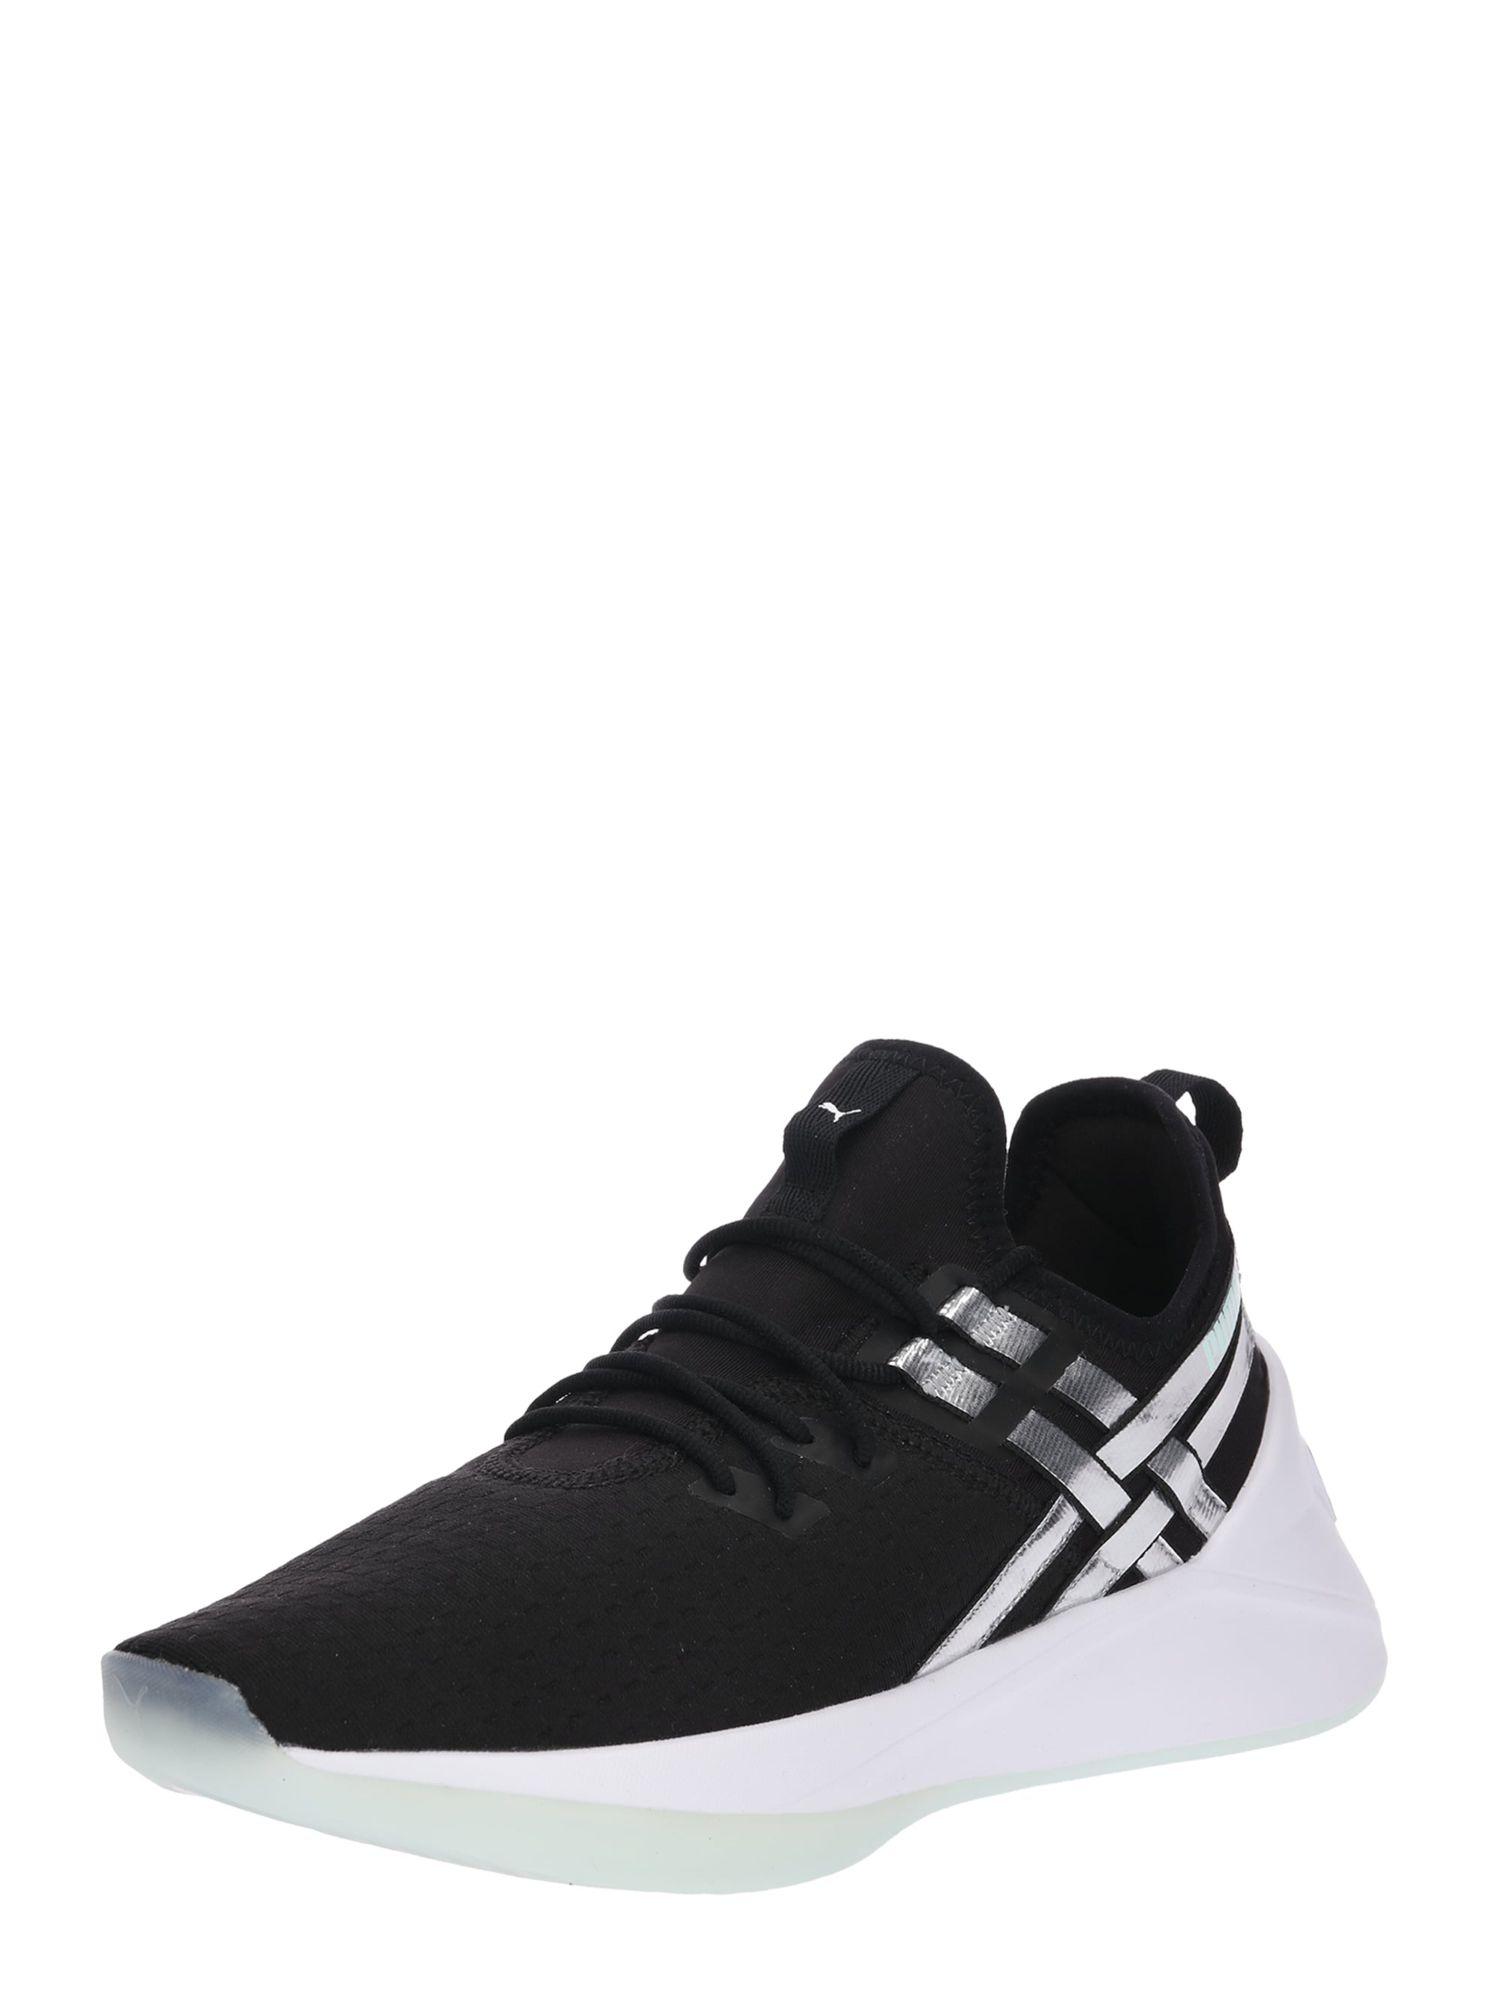 Schuh ´Jaab XT TZ´